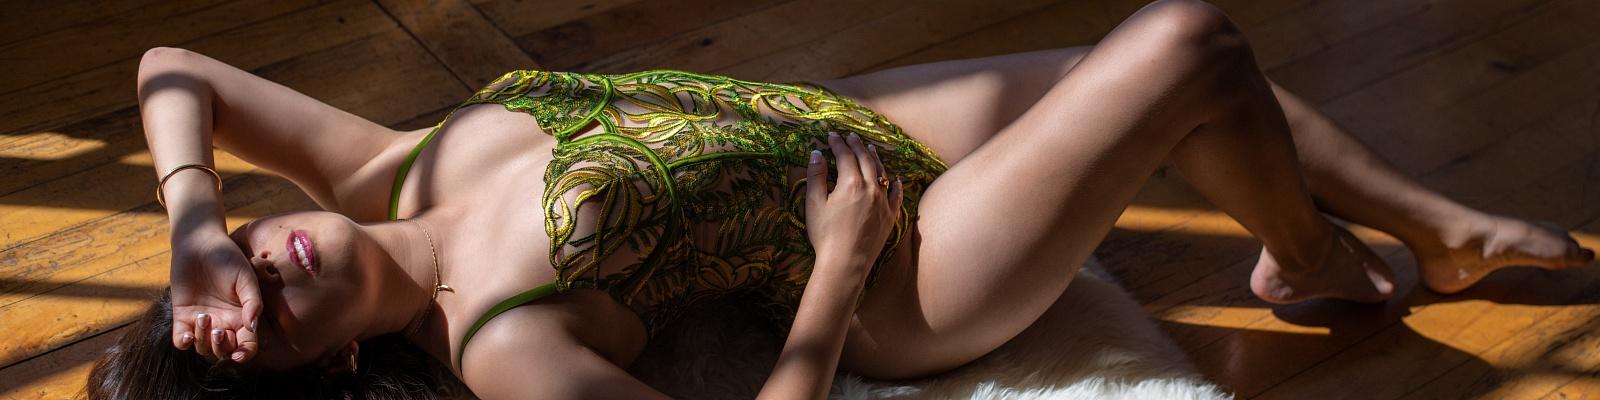 Diana Medina's Cover Photo